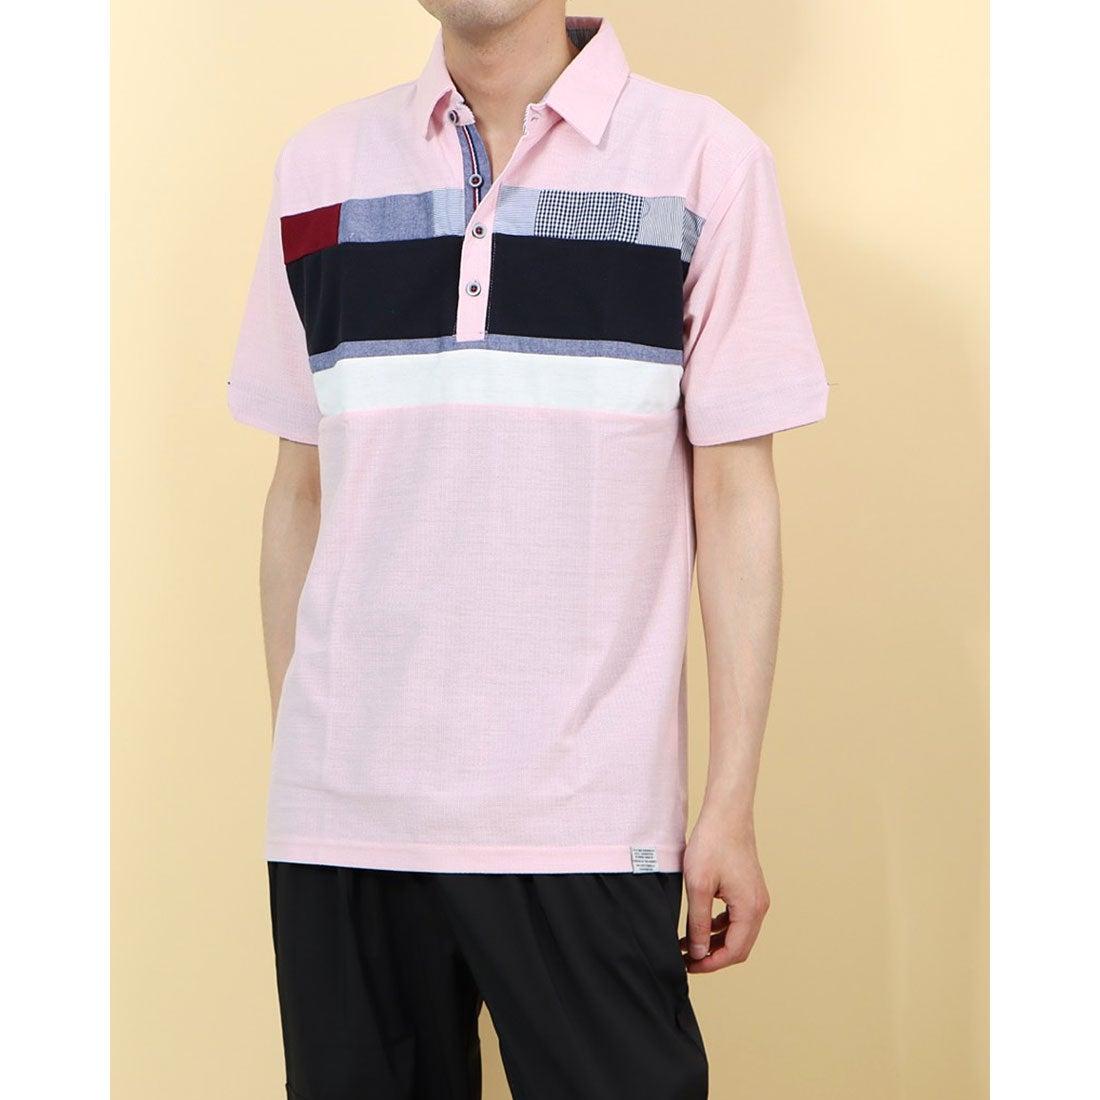 ロコンド 靴とファッションの通販サイトスタイルブロック STYLEBLOCK 梨地異素材切替ポロシャツ (Aピンク)